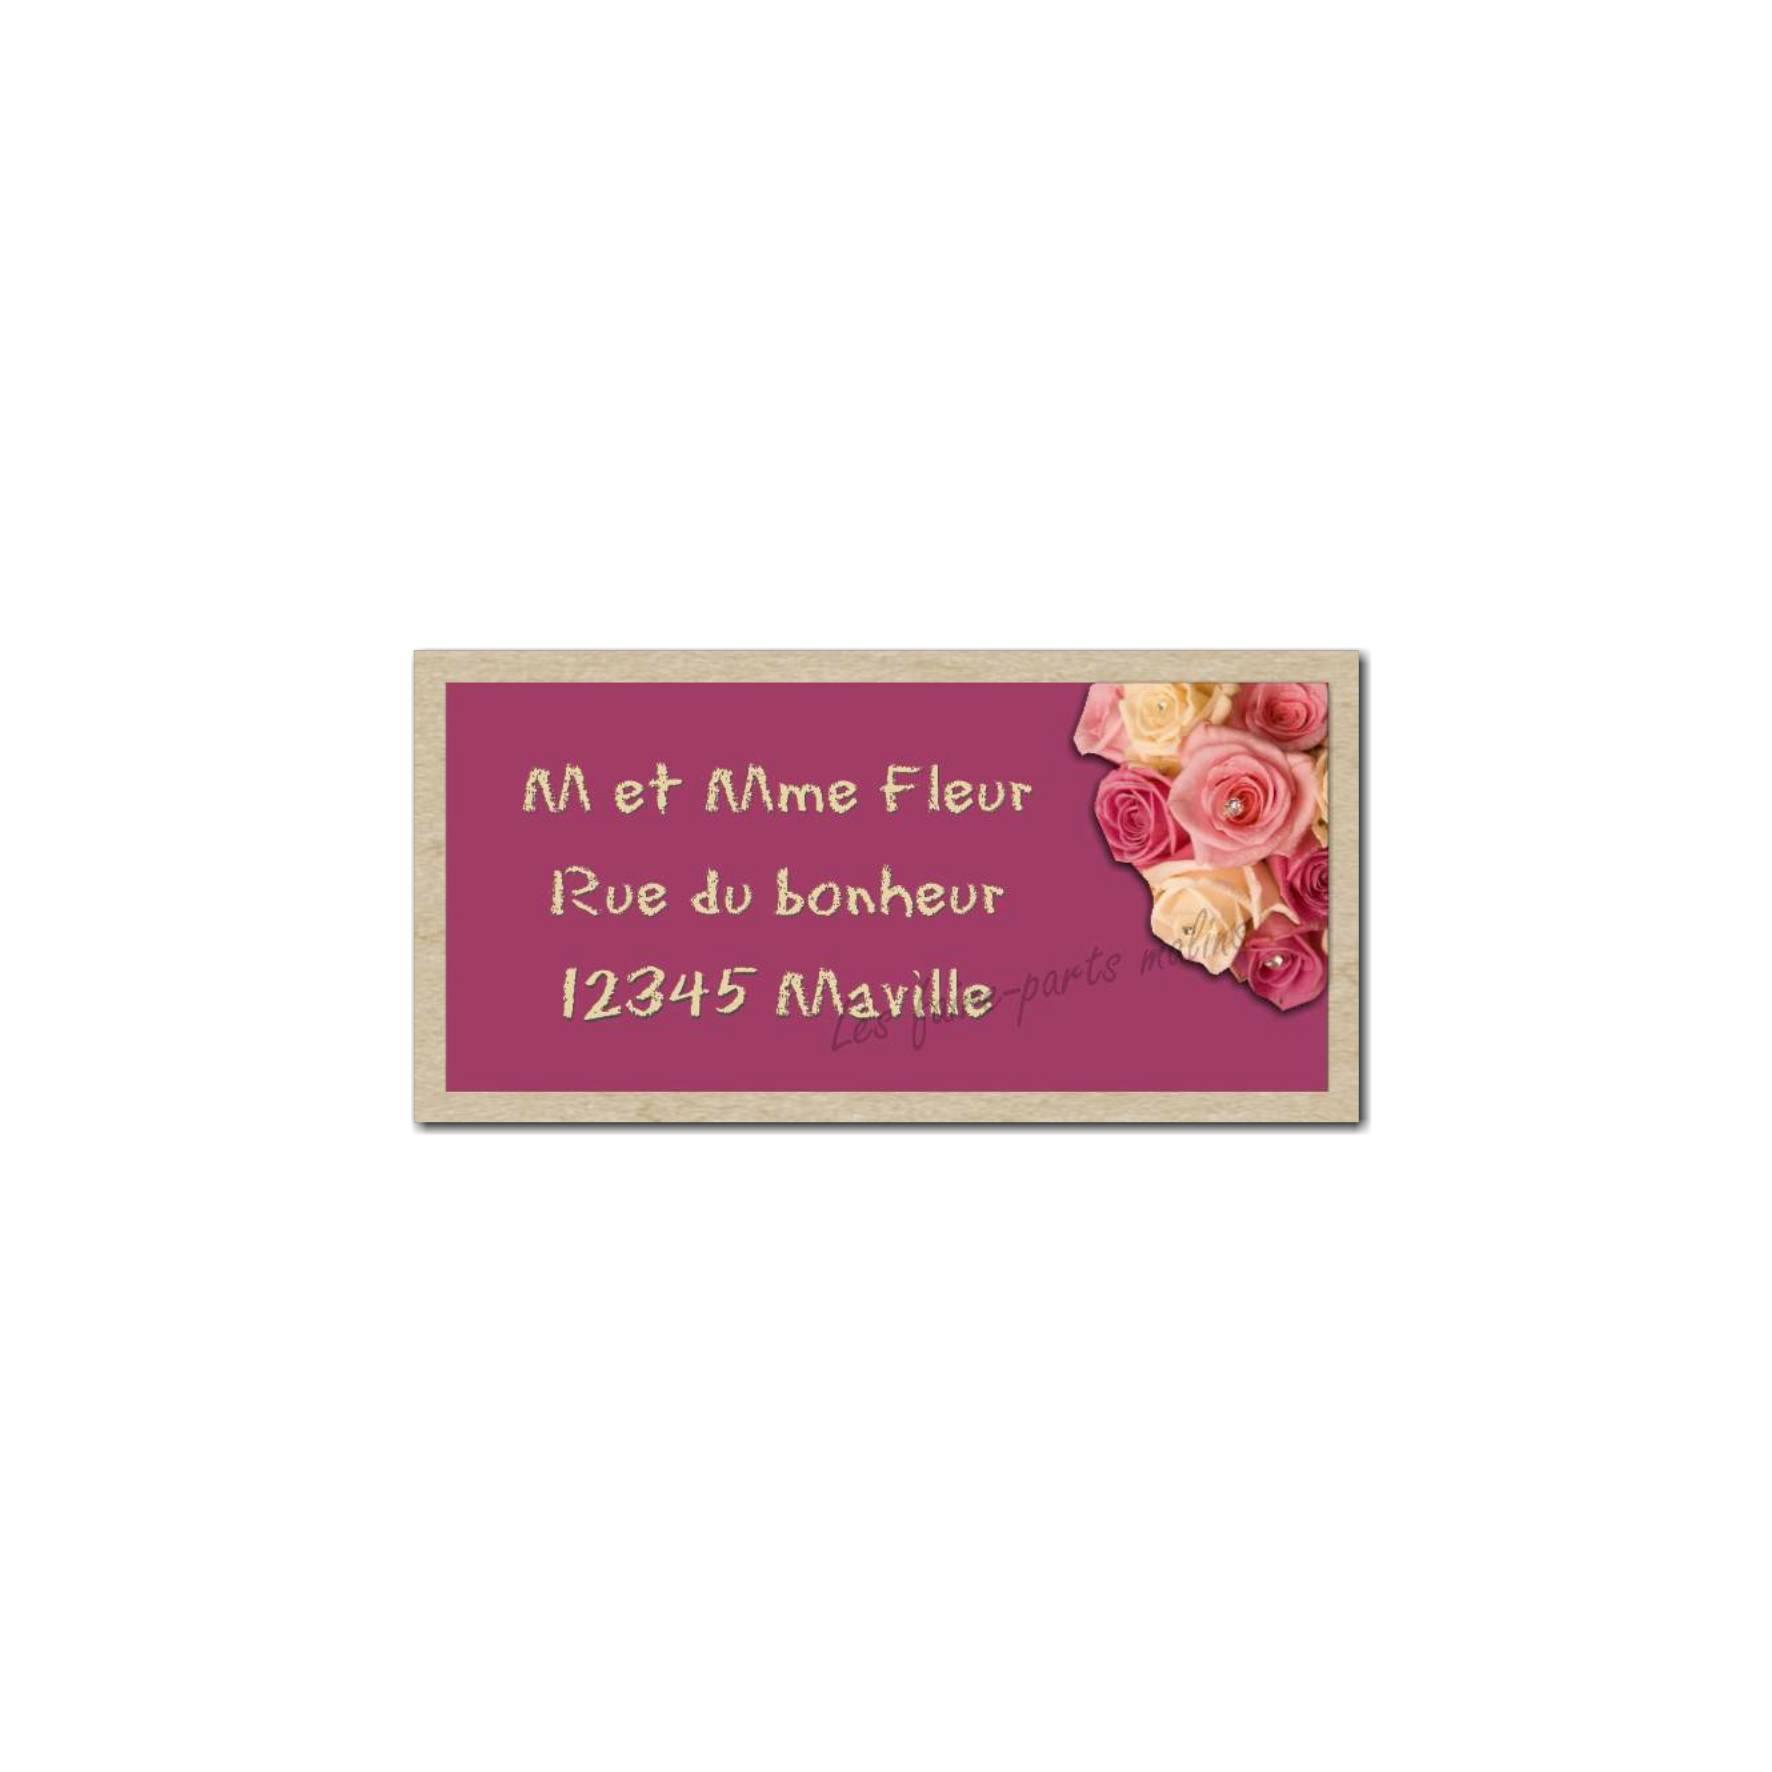 étiquette adresse bouquet de roses